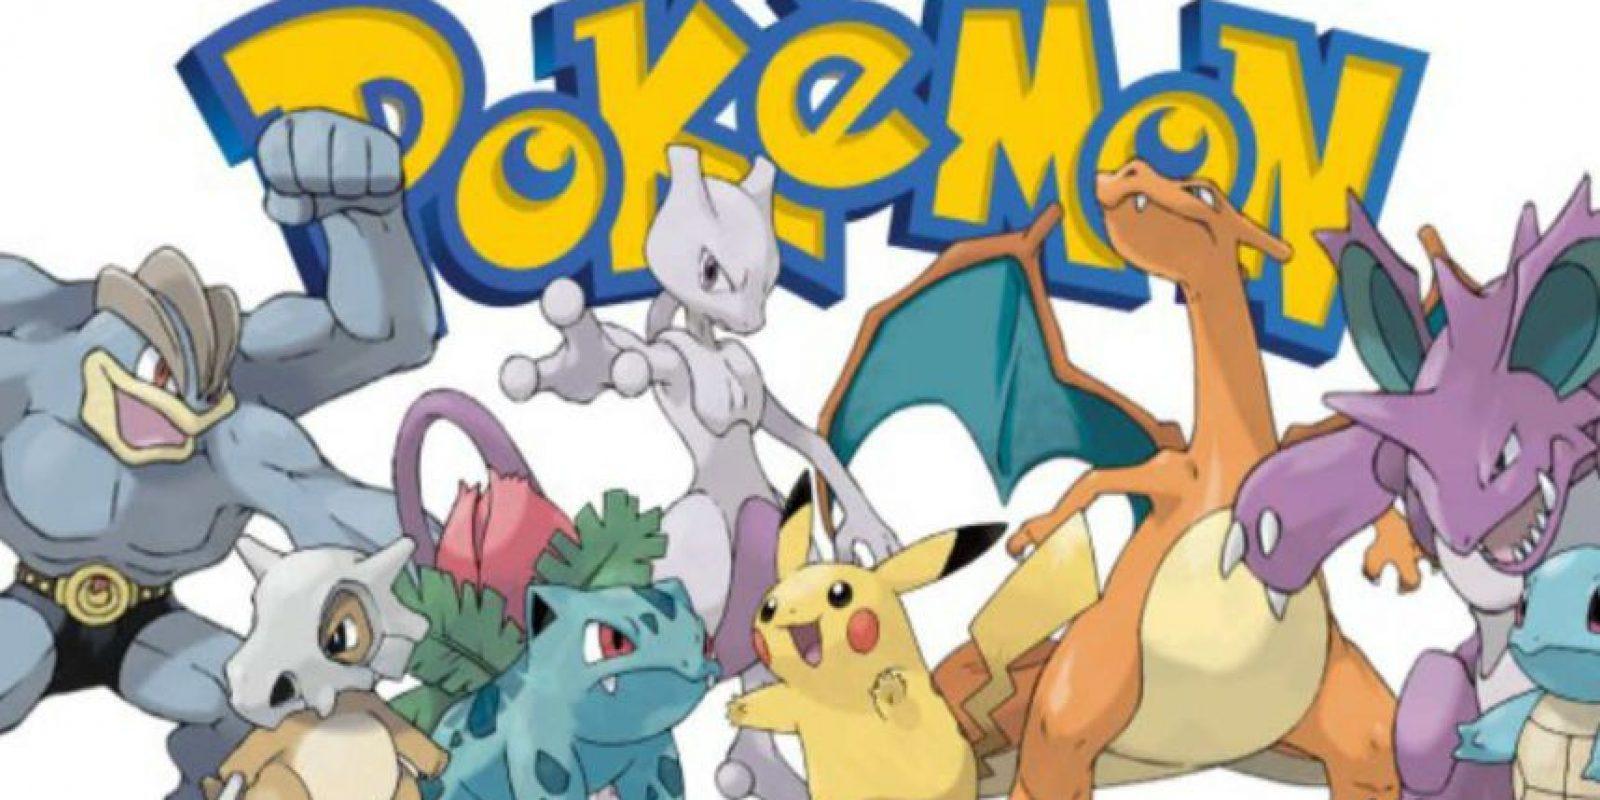 En total, son 151 pokémon en el juego. Foto:Pokémon